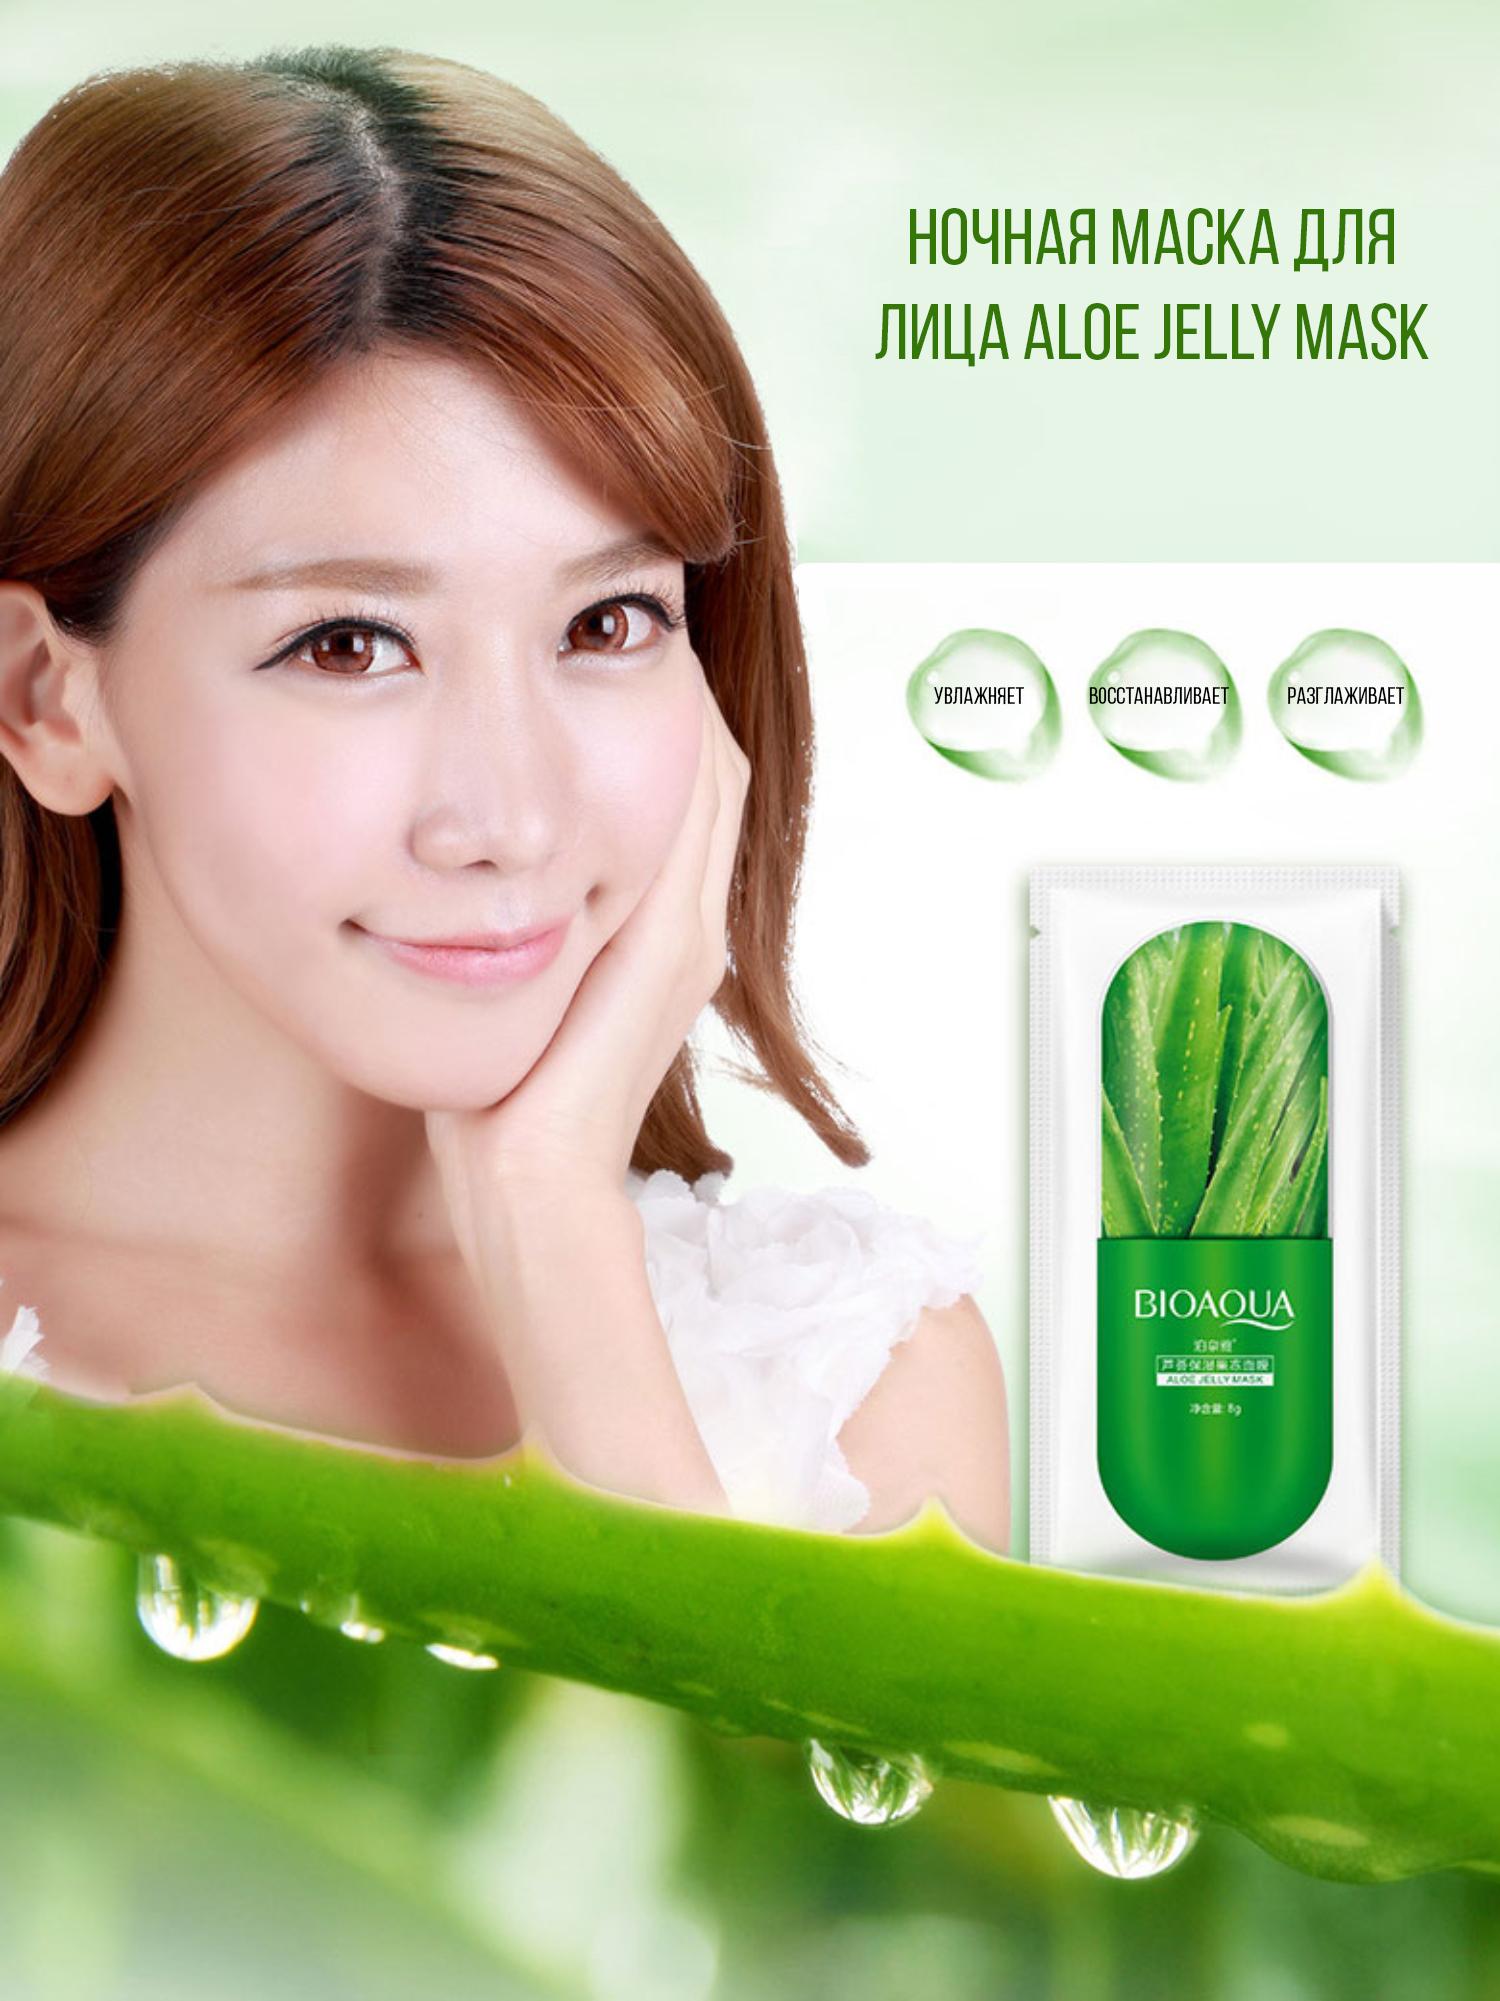 Ночная маска для лица Aloe Jelly Mask, 8гр